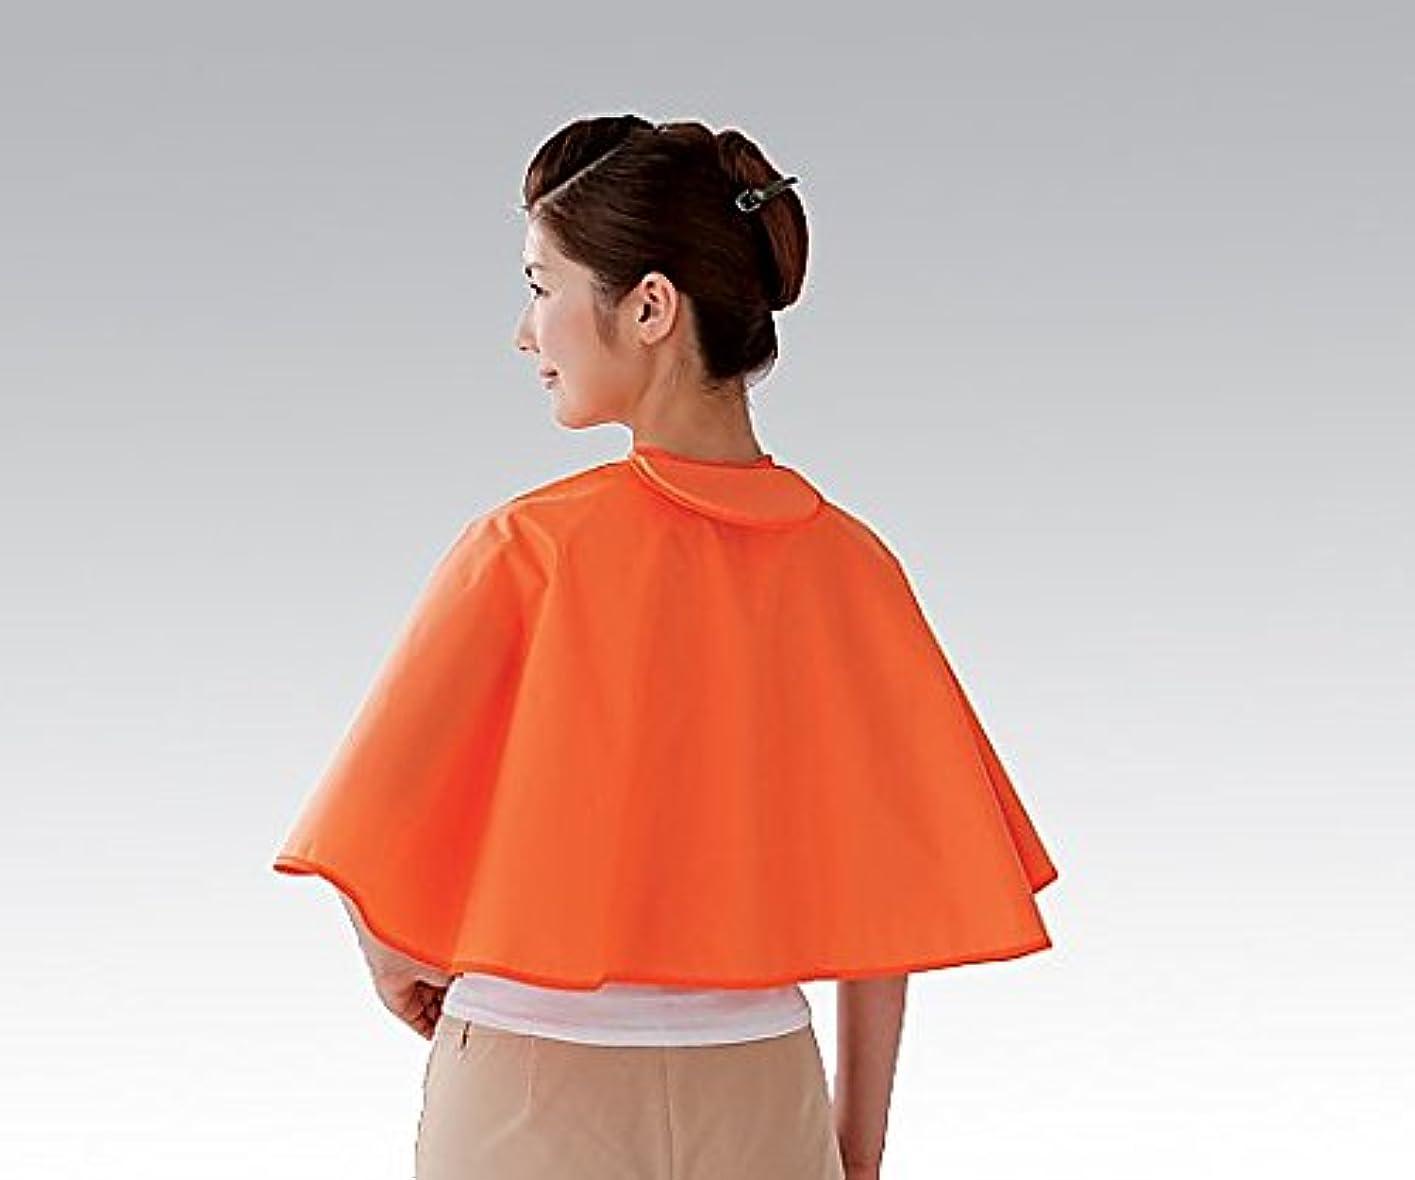 順番外部グラスシャンプーケープ「ジャブクッション」オレンジ /8-7801-02